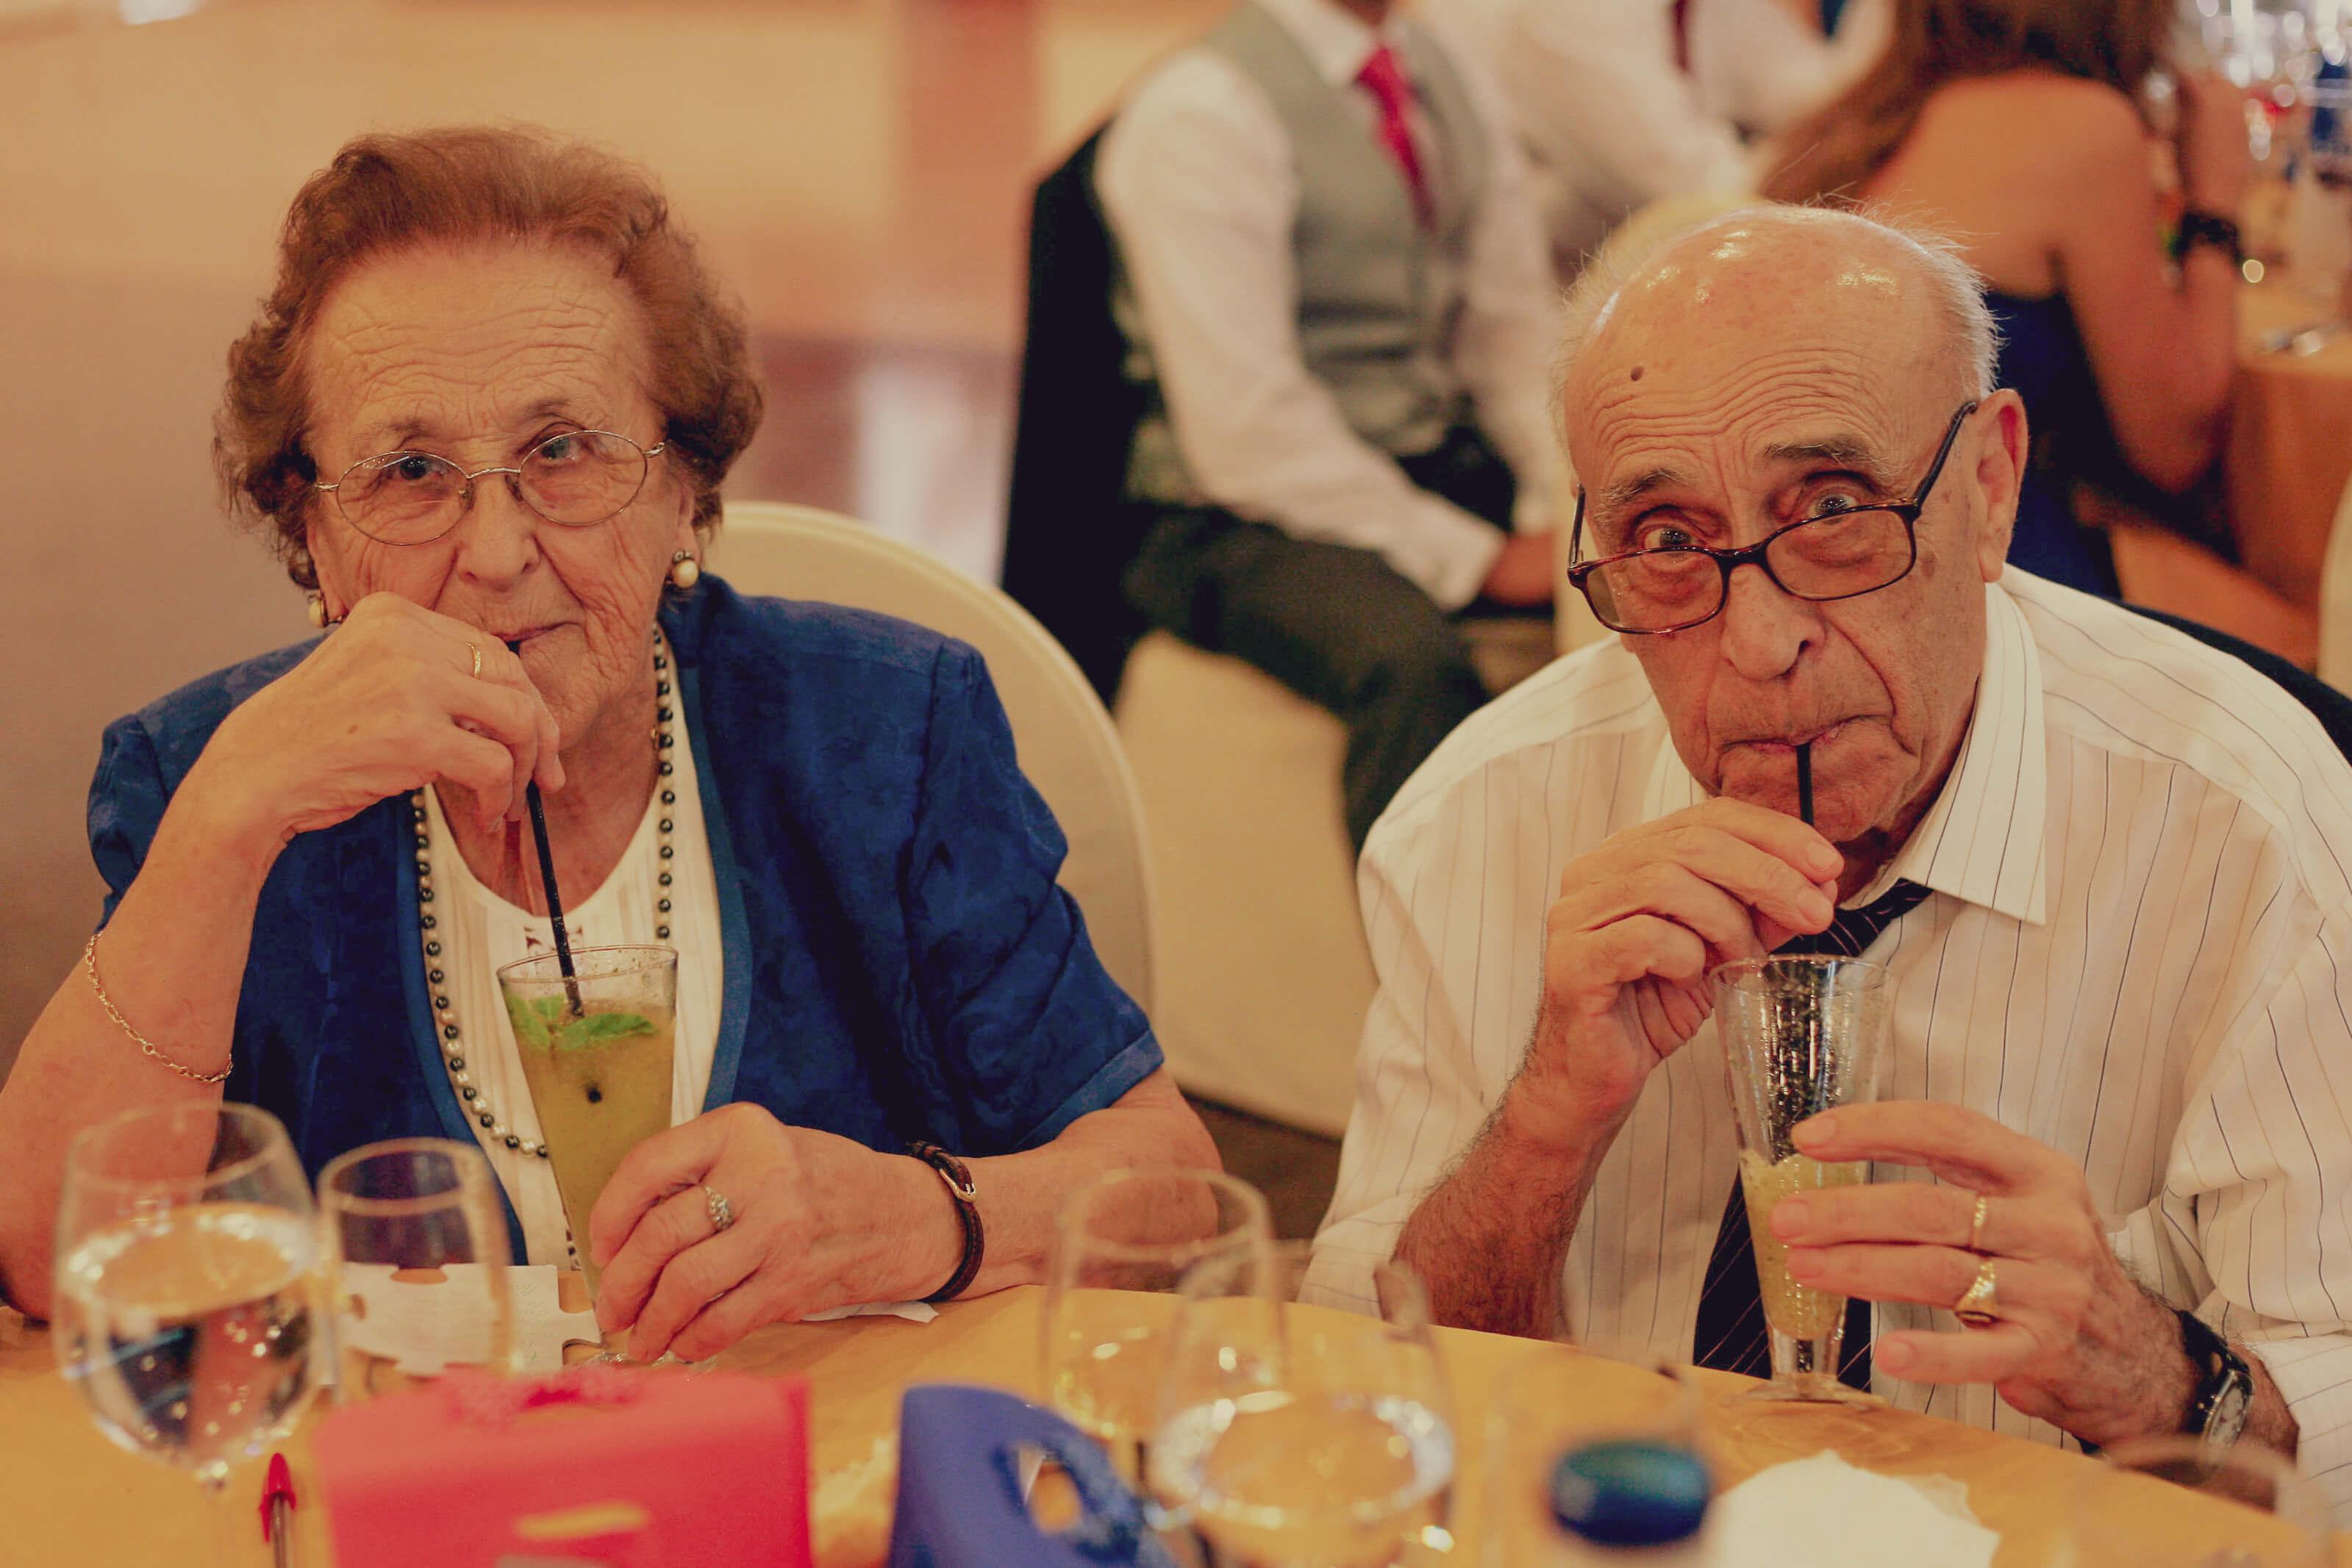 Los abuelos en la boda